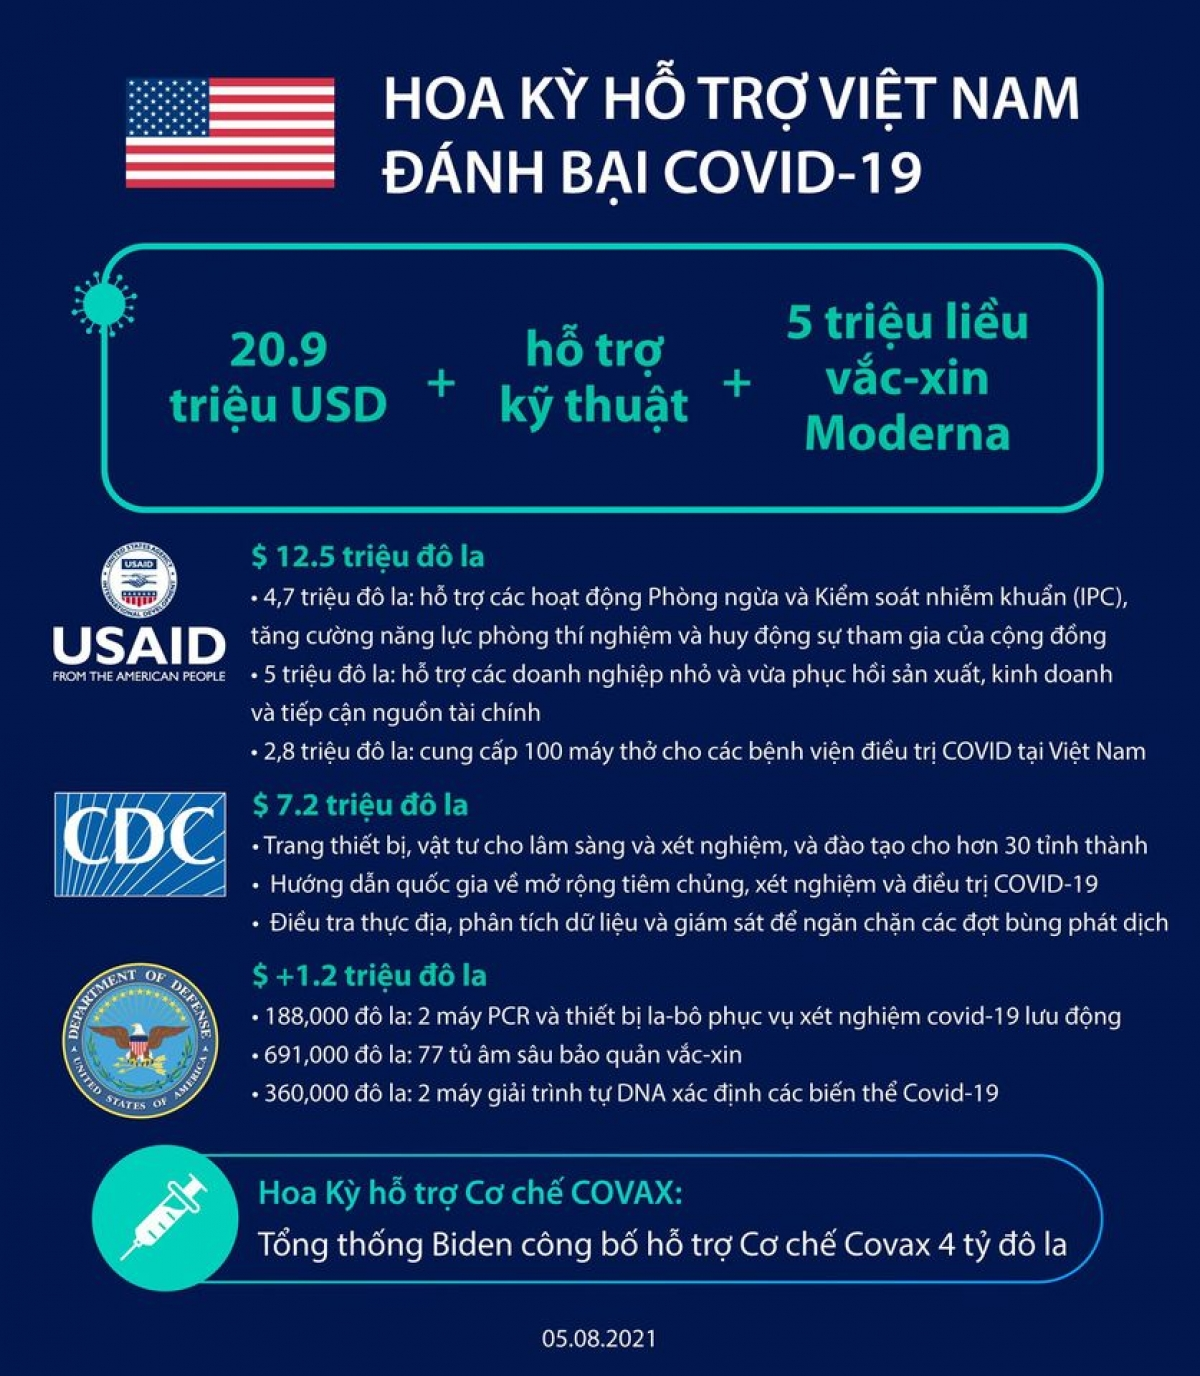 Mỹ hỗ trợ Việt Nam chiến thắng đại dịch Covid-19 - Ảnh 1.